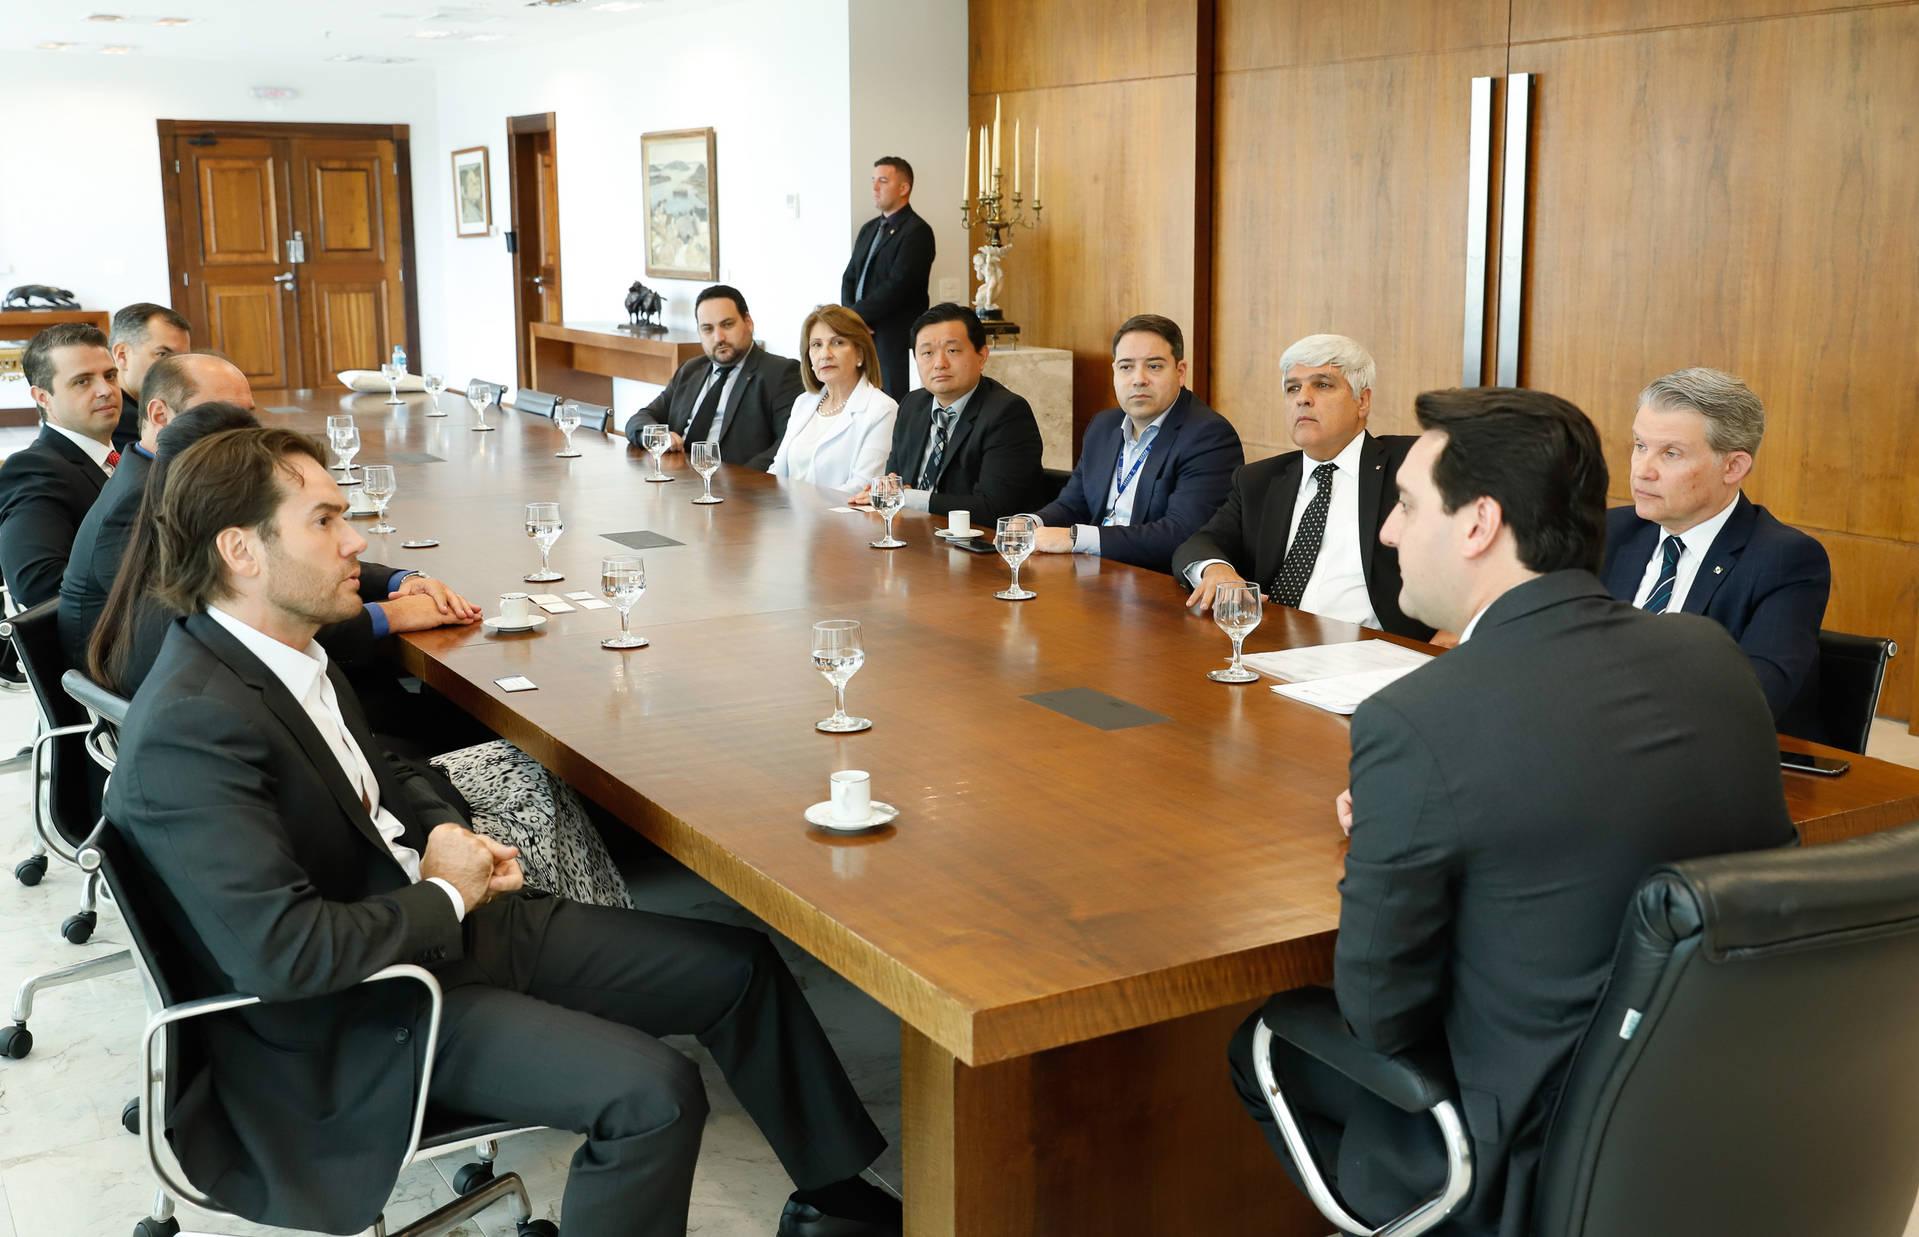 Governador Ratinho Junior afirmou que o Instituto é um centro tecnológico que atende o país inteiro.